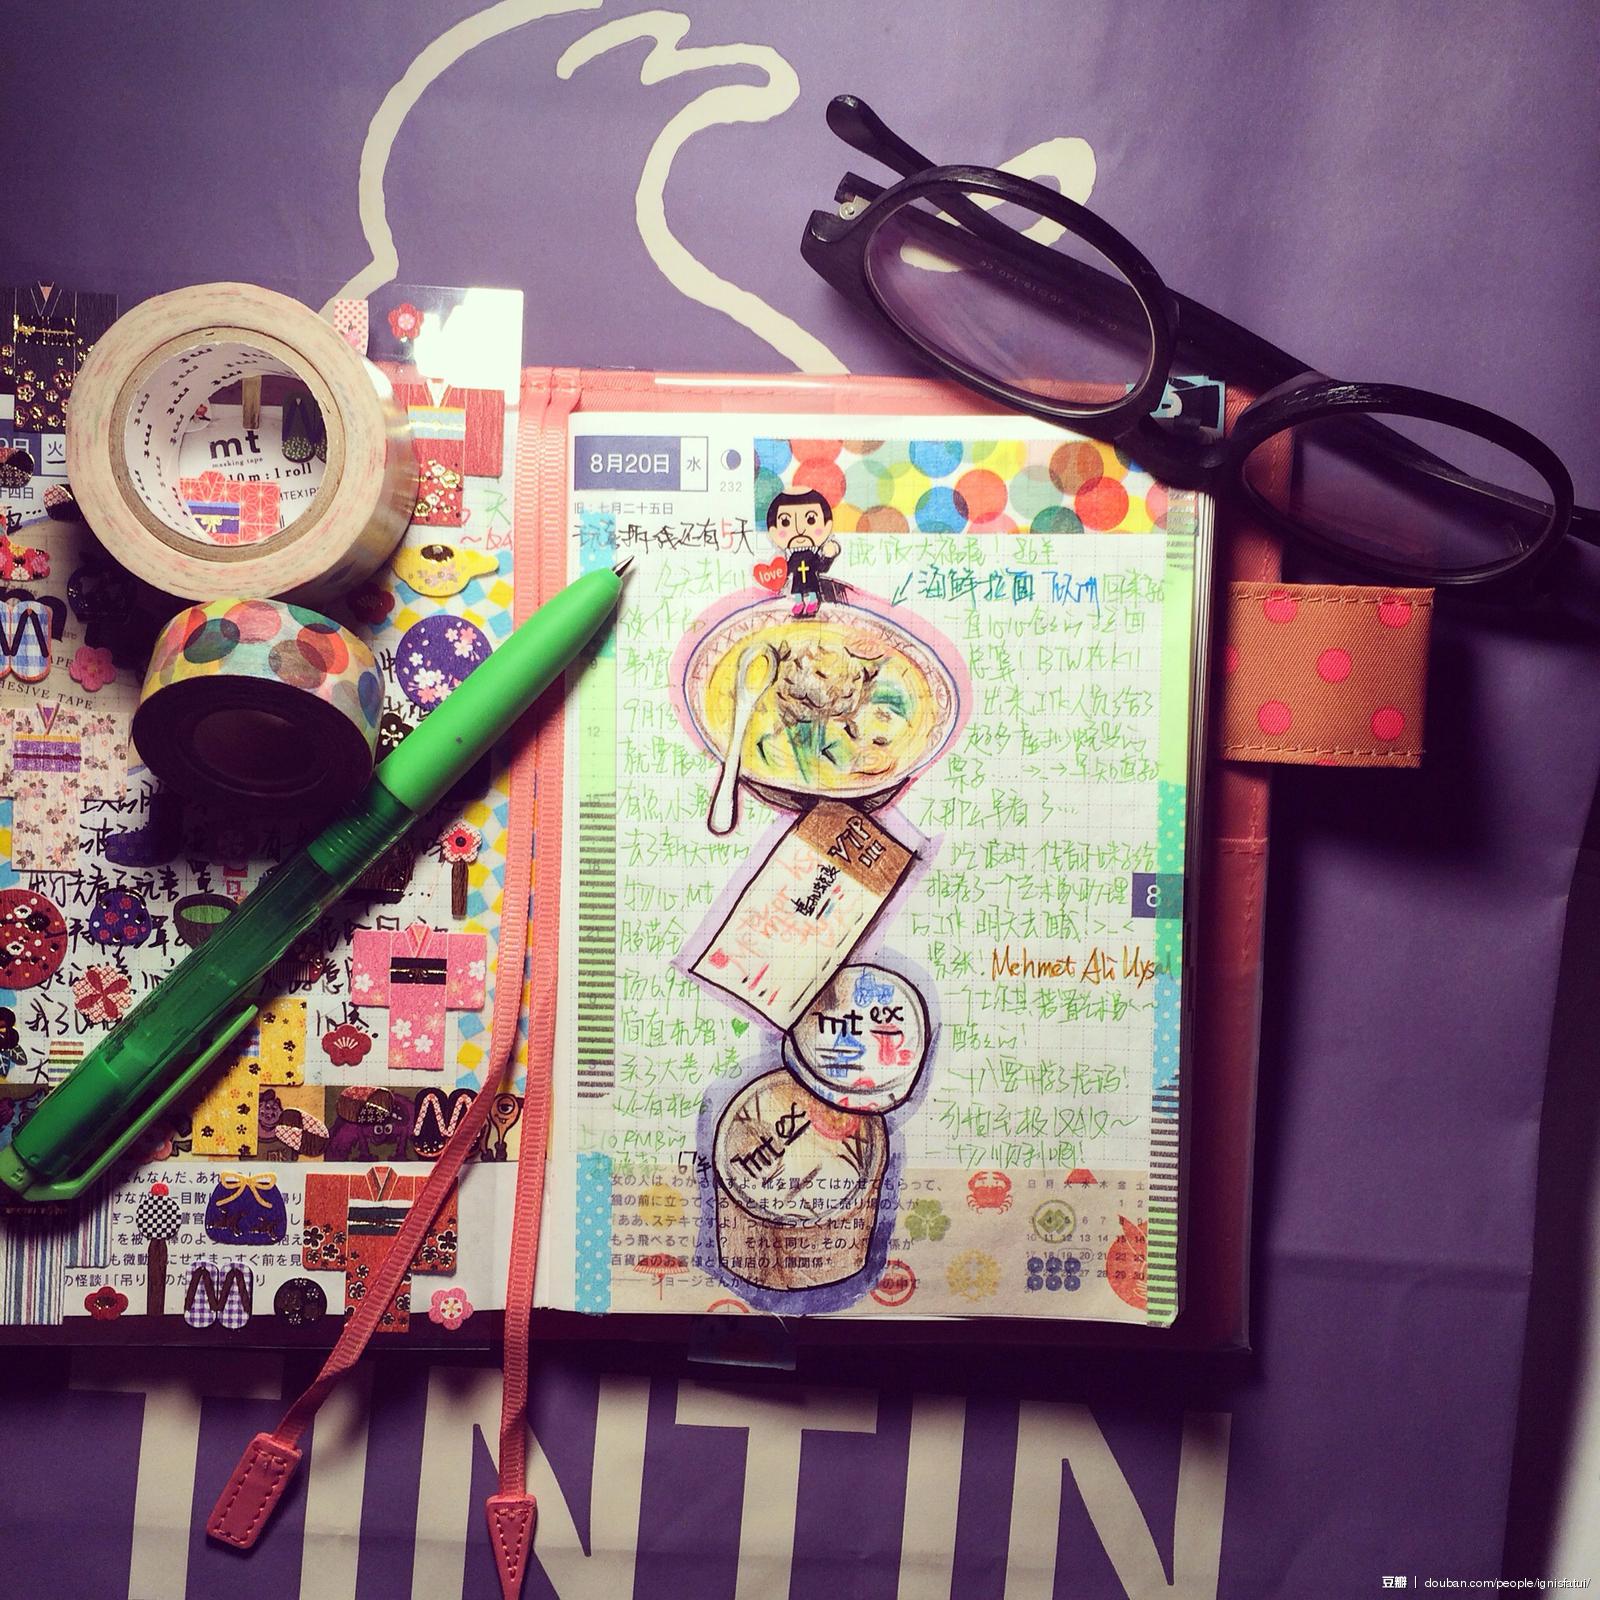 #ほぼ日手帳 #journal #hobonichi